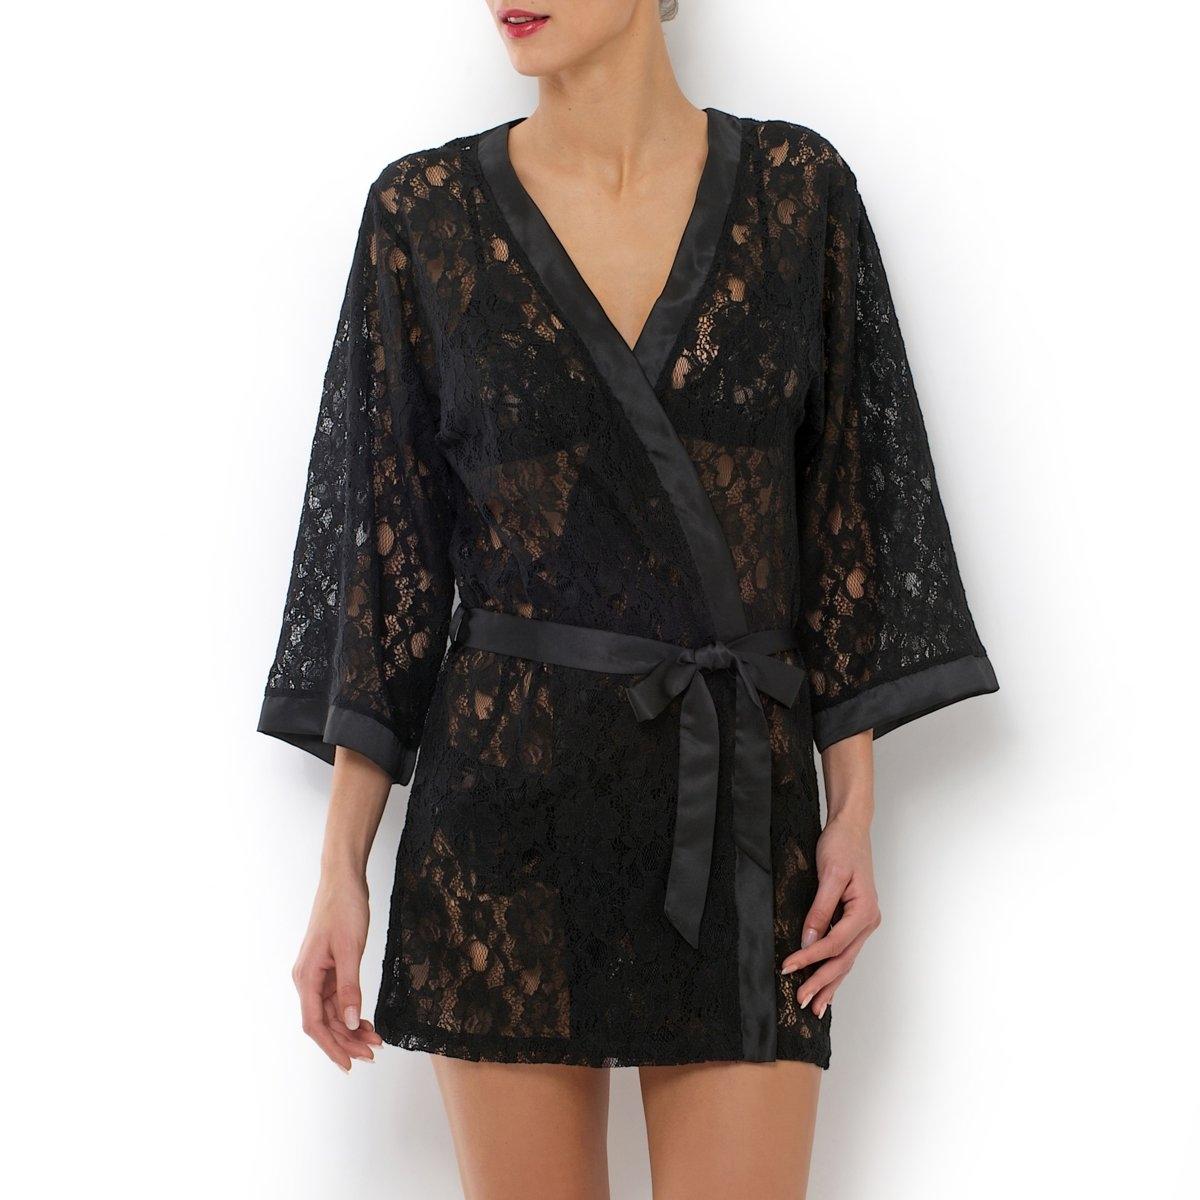 Халат-кимоно короткий с длинными рукавами из кружеваСоблазнительный халат-кимоно из полупрозрачного кружева... его можно носить отдельно или поверх комбинации . Атласный пояс в шлевках . Внутренние завязки. Атласная отделка краев .Длина : ок. 83 см.Халат-кимоно короткий из кружева 66% хлопка, 28% полиамида, 6% вискозы .Машинная стирка.<br><br>Цвет: черный<br>Размер: 34/36 (FR) - 40/42 (RUS)